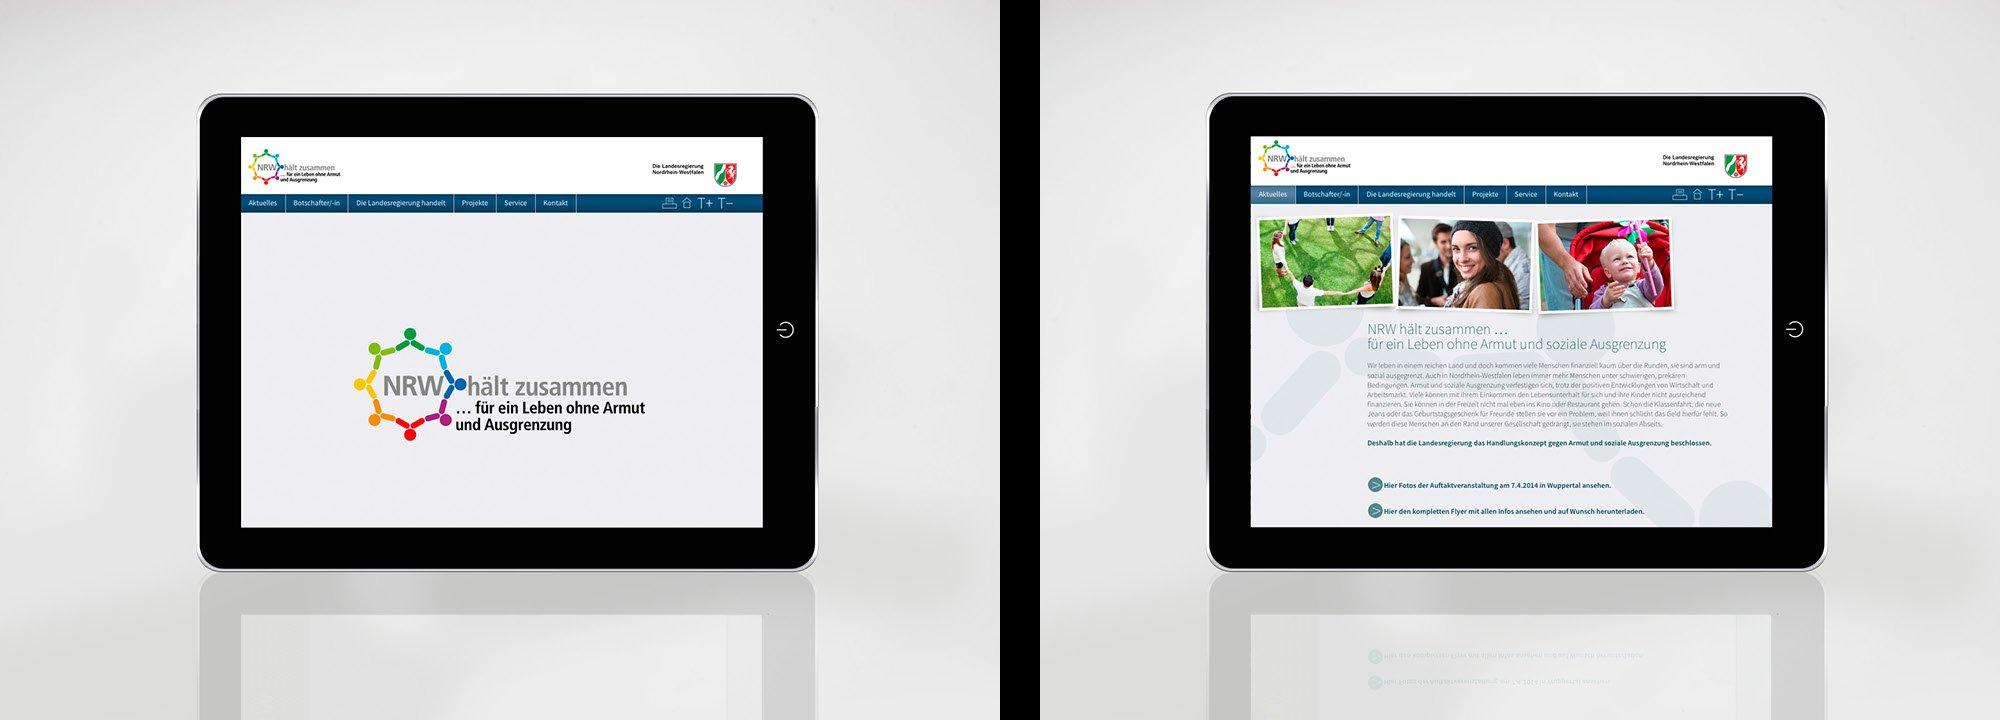 Website NRW hält zusammen 2014